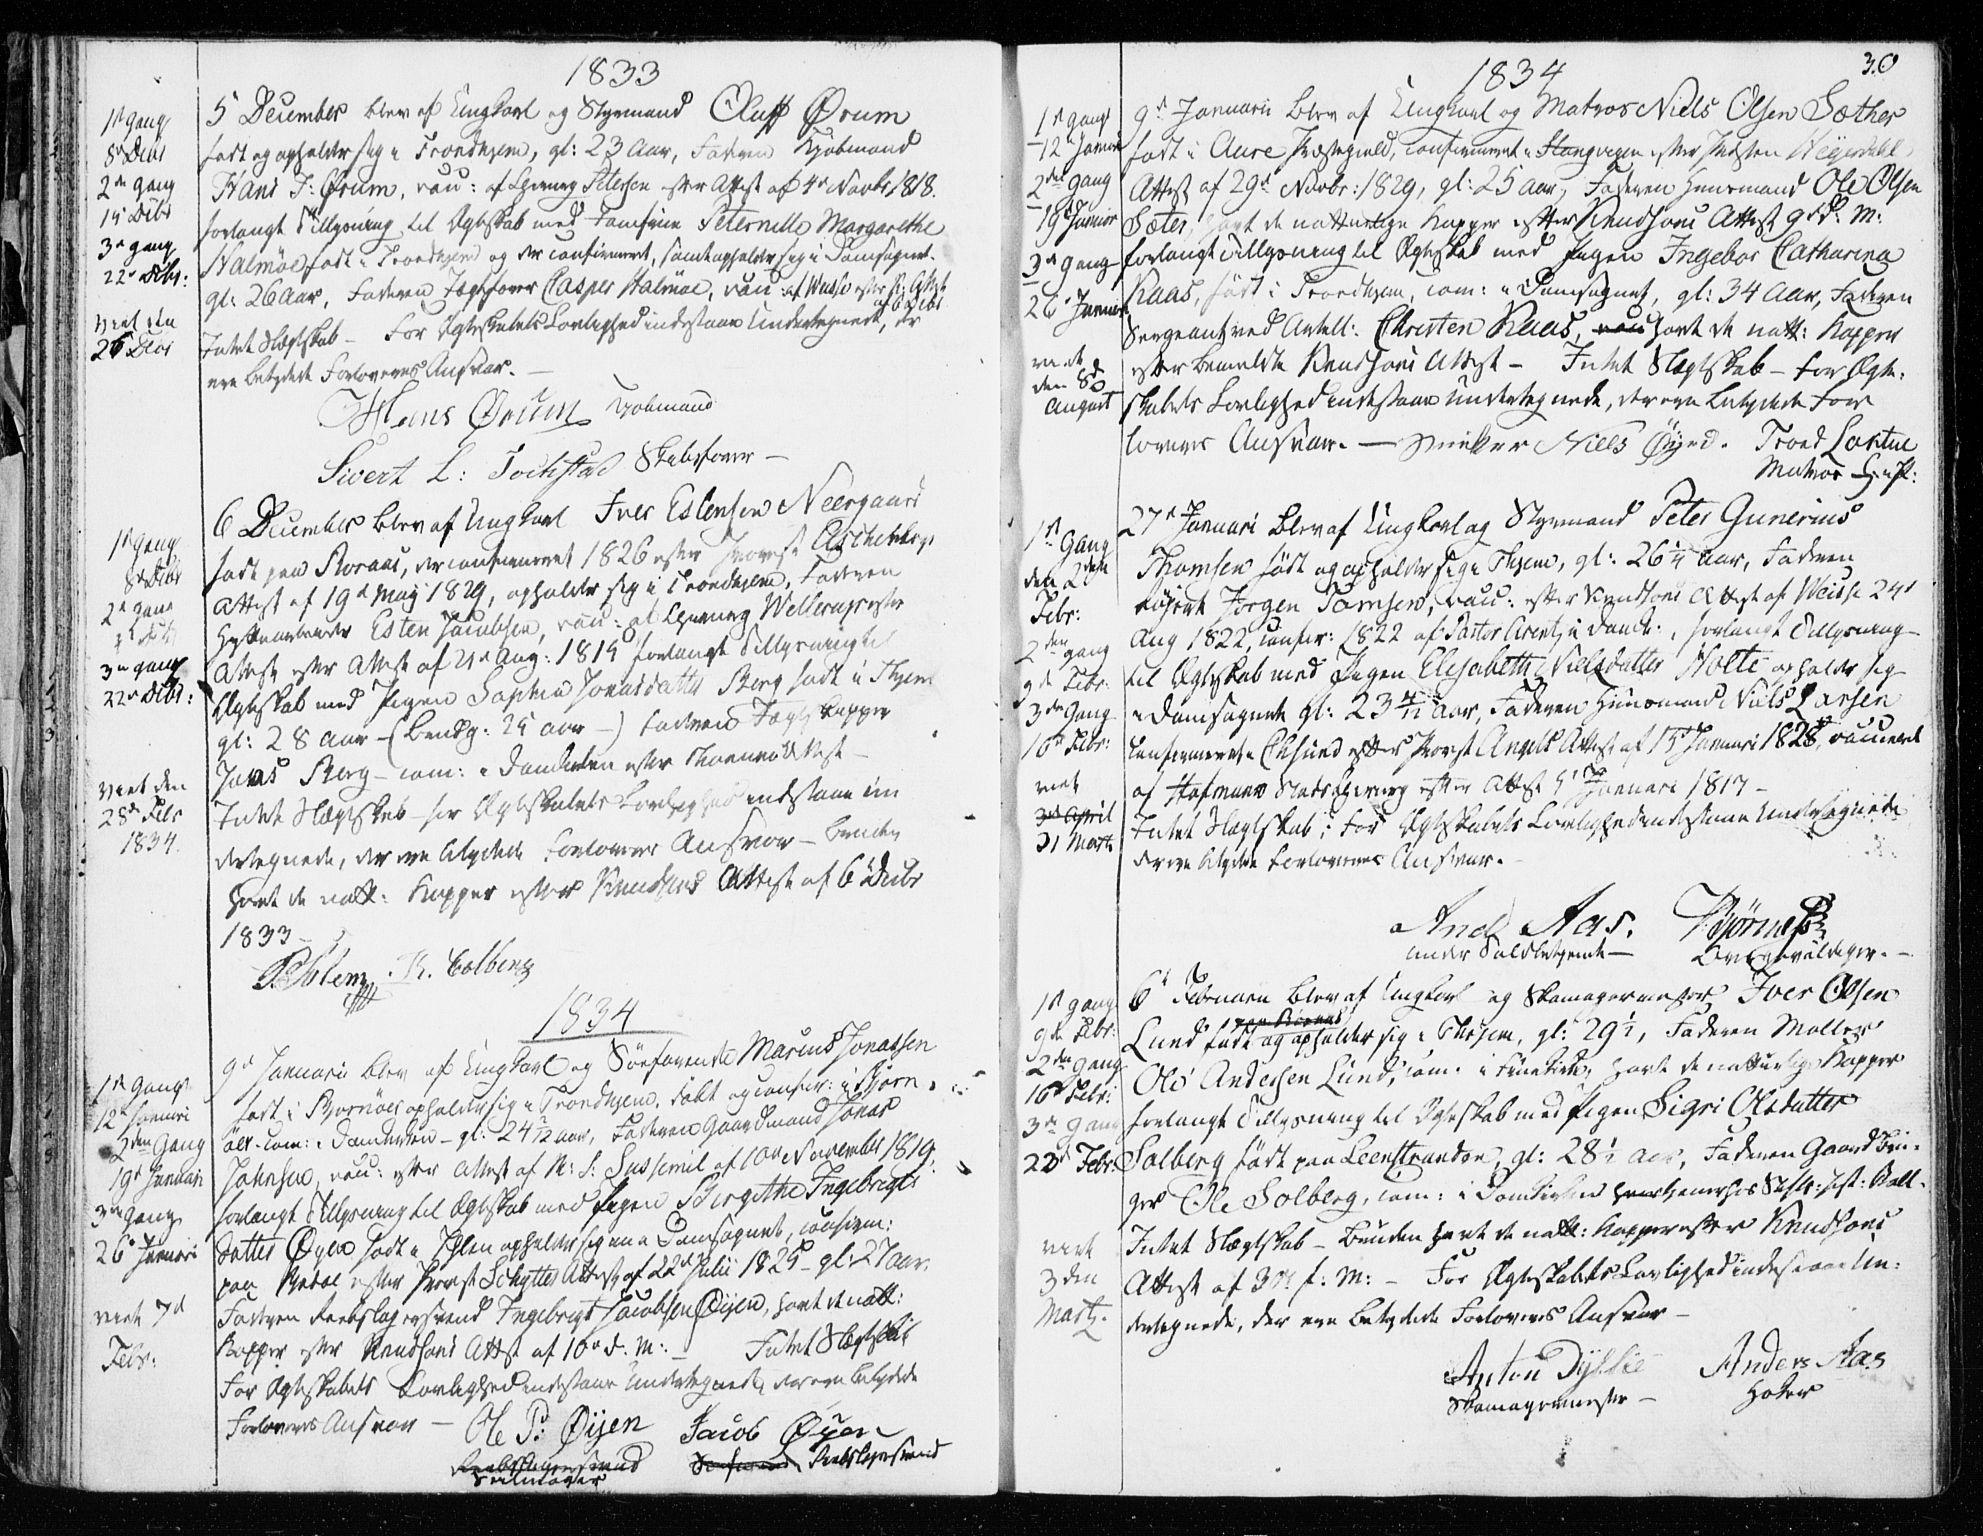 SAT, Ministerialprotokoller, klokkerbøker og fødselsregistre - Sør-Trøndelag, 601/L0046: Ministerialbok nr. 601A14, 1830-1841, s. 30